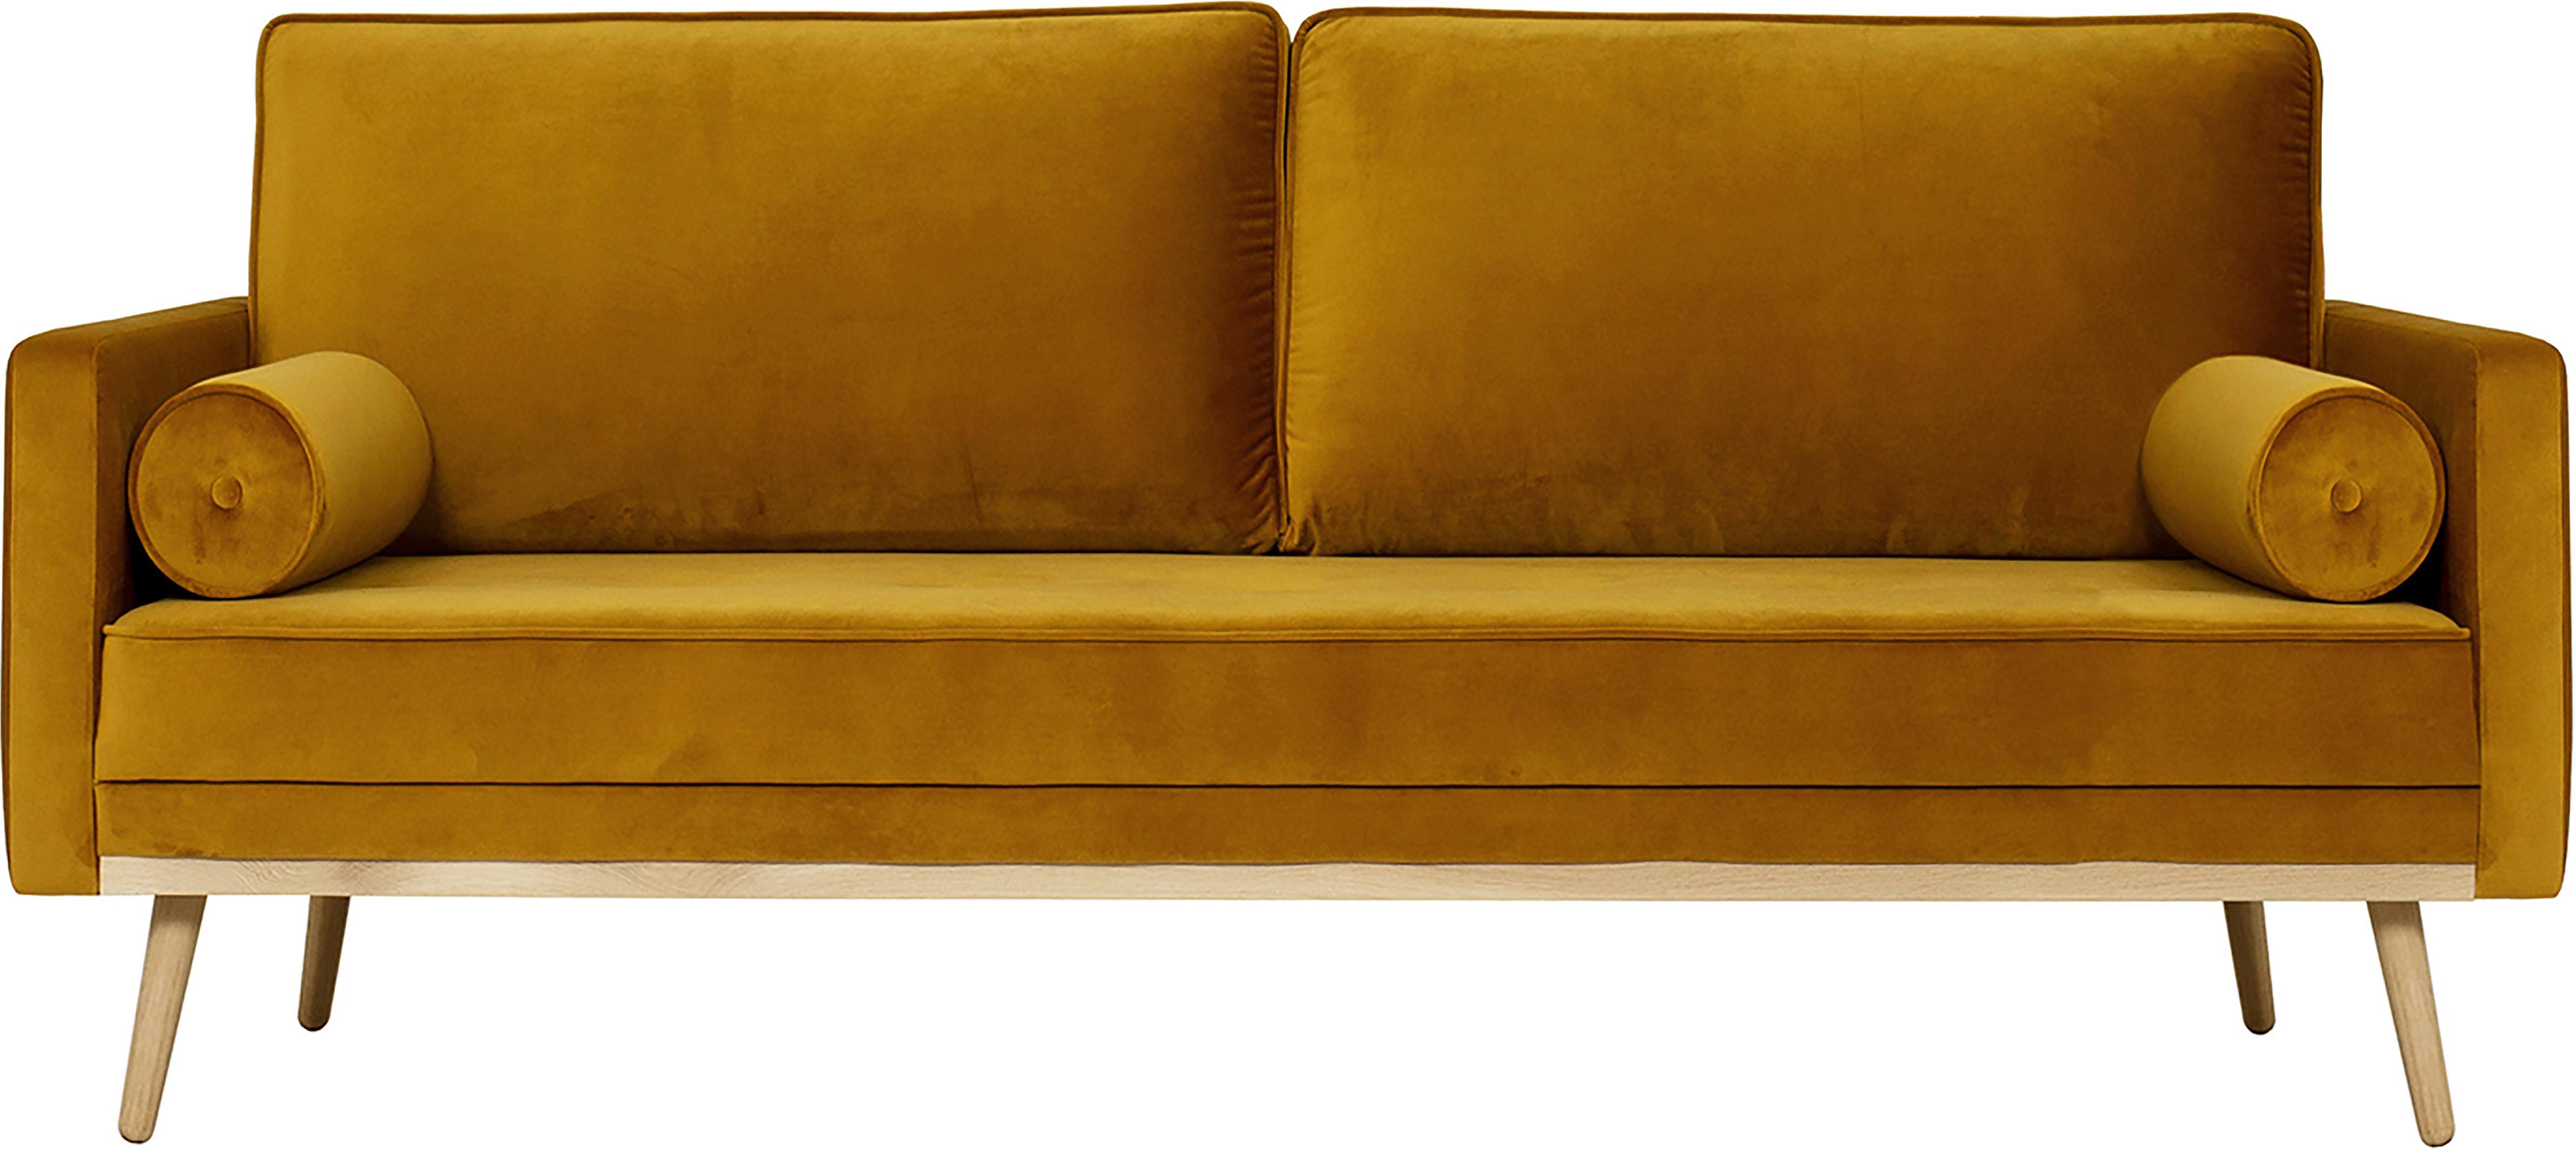 Divano 3 posti in velluto giallo ocra Saint, Rivestimento: velluto (poliestere) 35.0, Giallo ocra, Larg. 210 x Prof. 93 cm